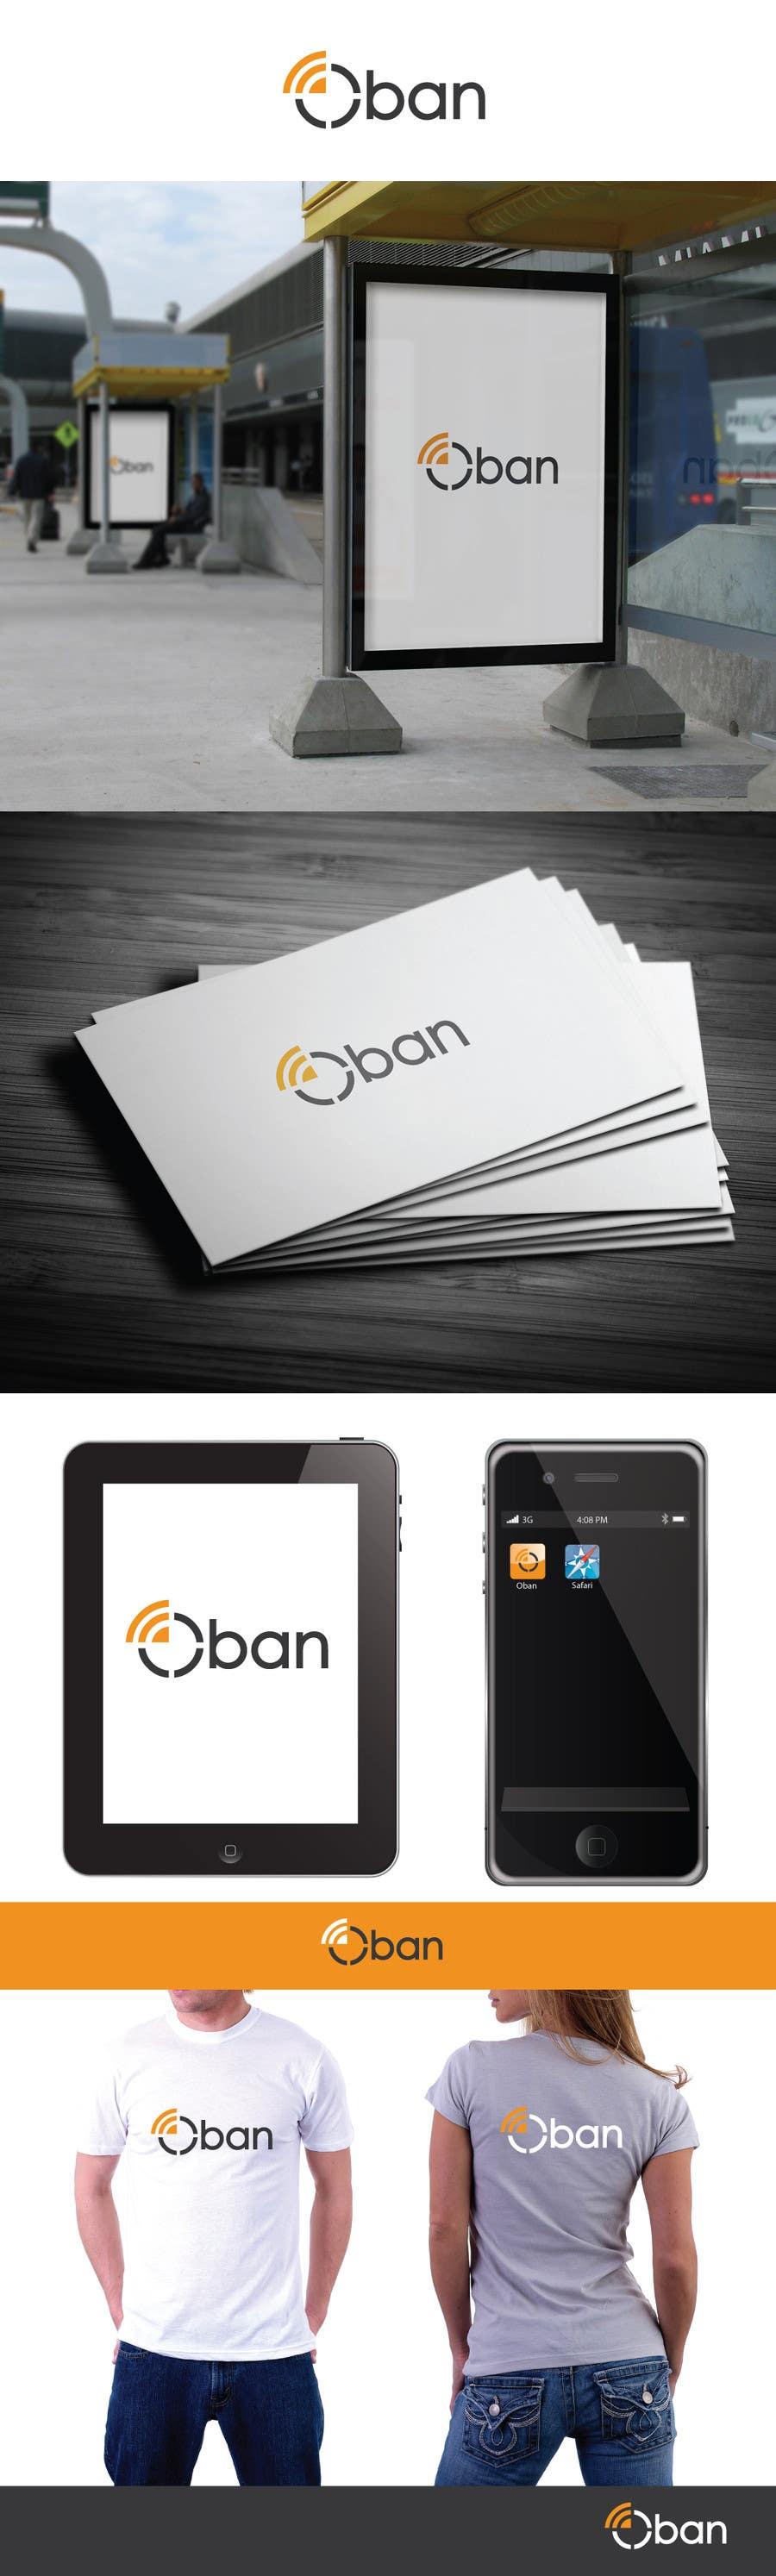 Inscrição nº 18 do Concurso para Design a Logo for Oban